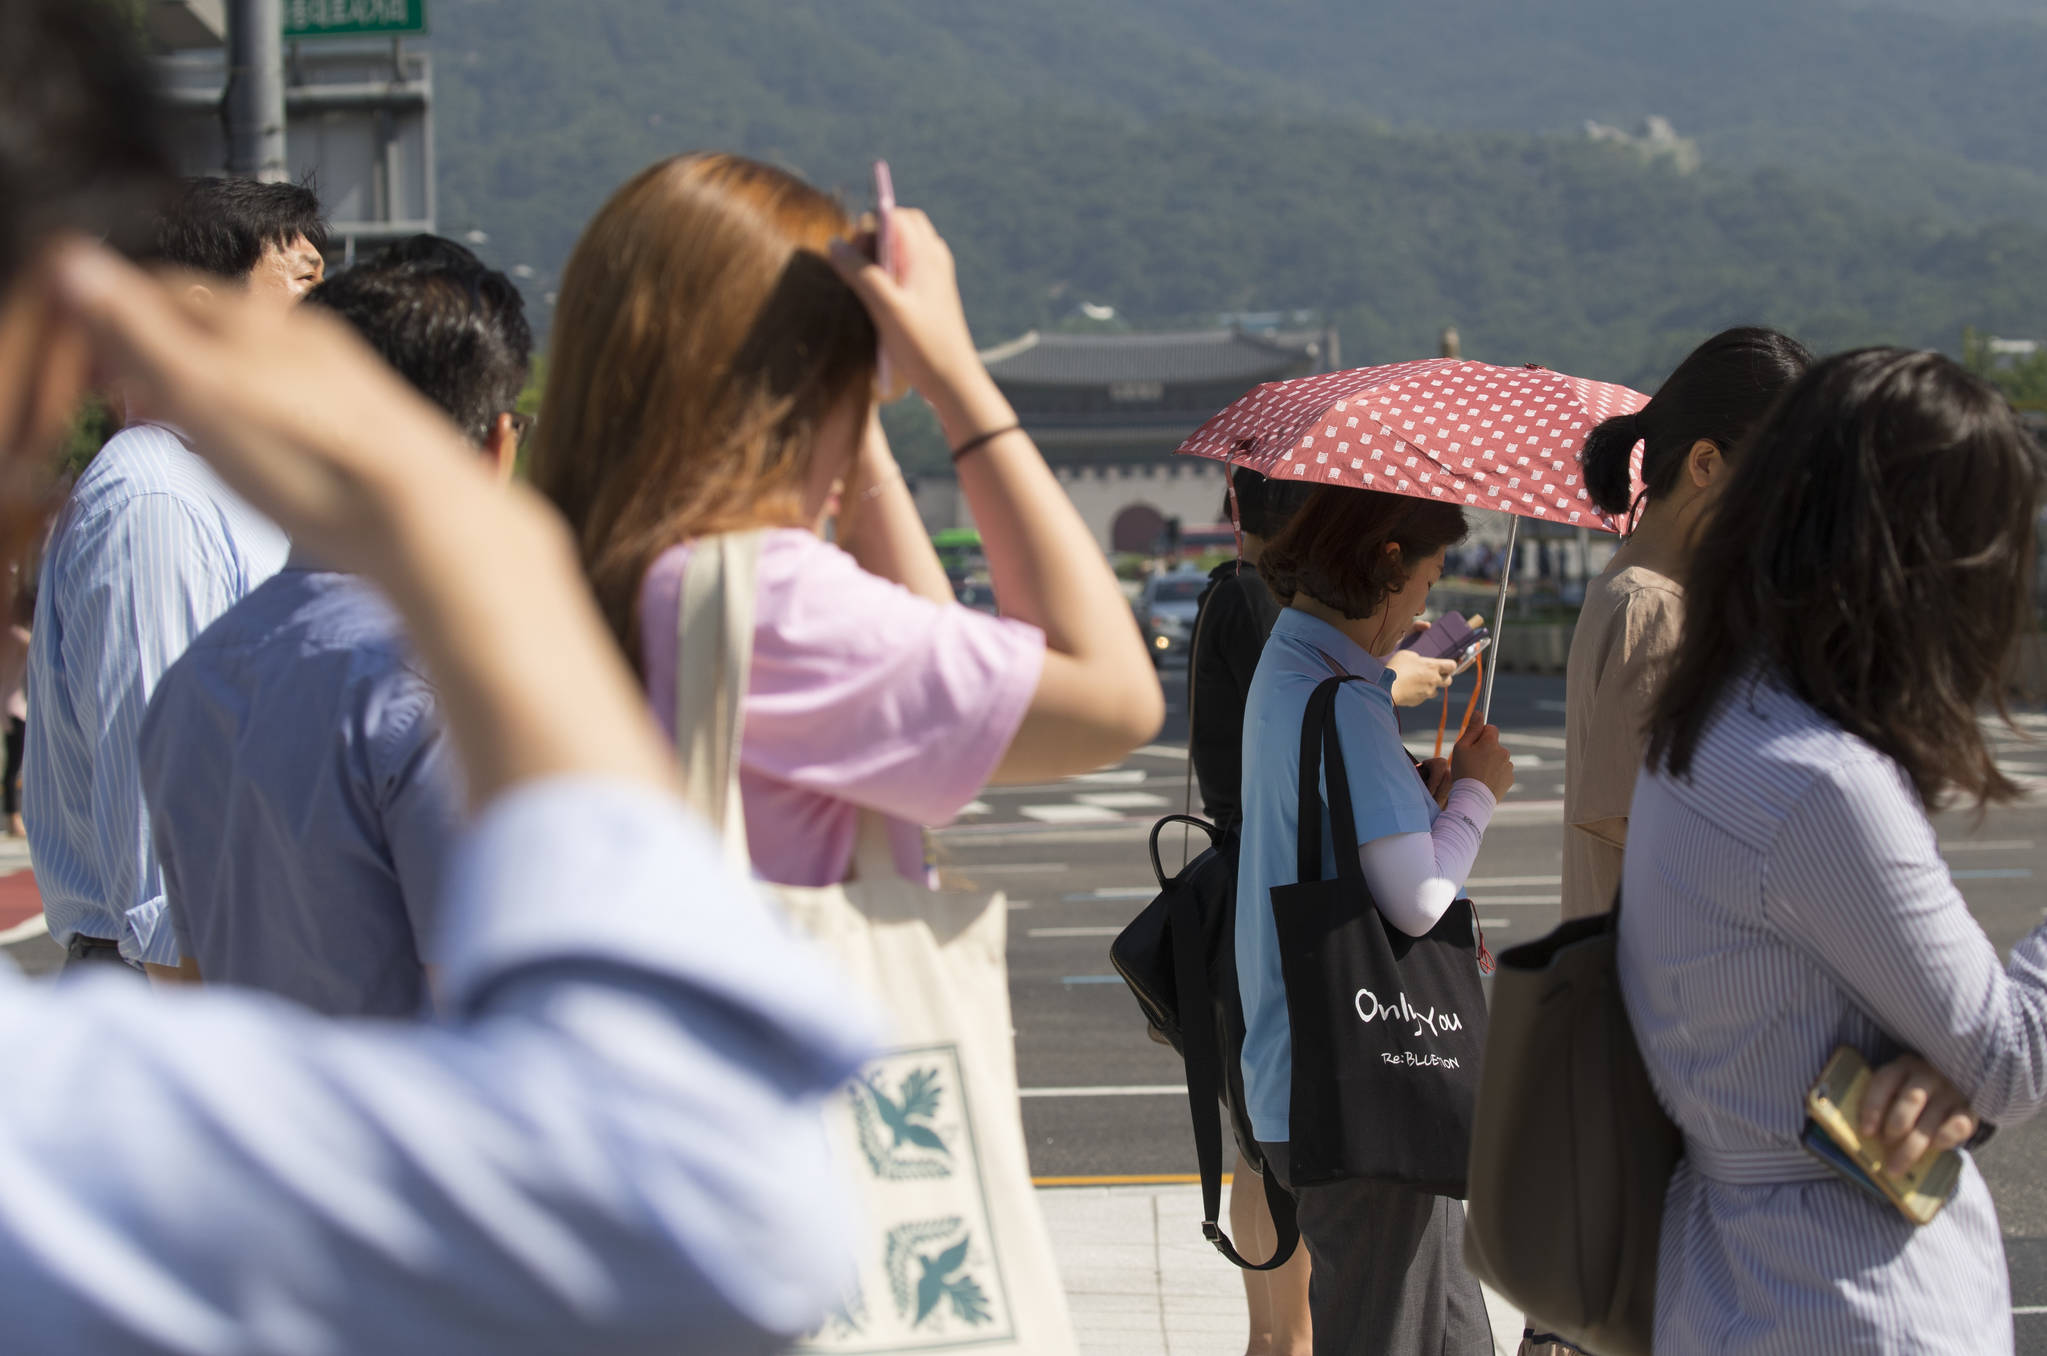 폭염이 이어지는 17일 서울 세종로사거리에서 시민들이 햇빛을 가린 채 보행 신호를 기다리고 있다. [연합뉴스]